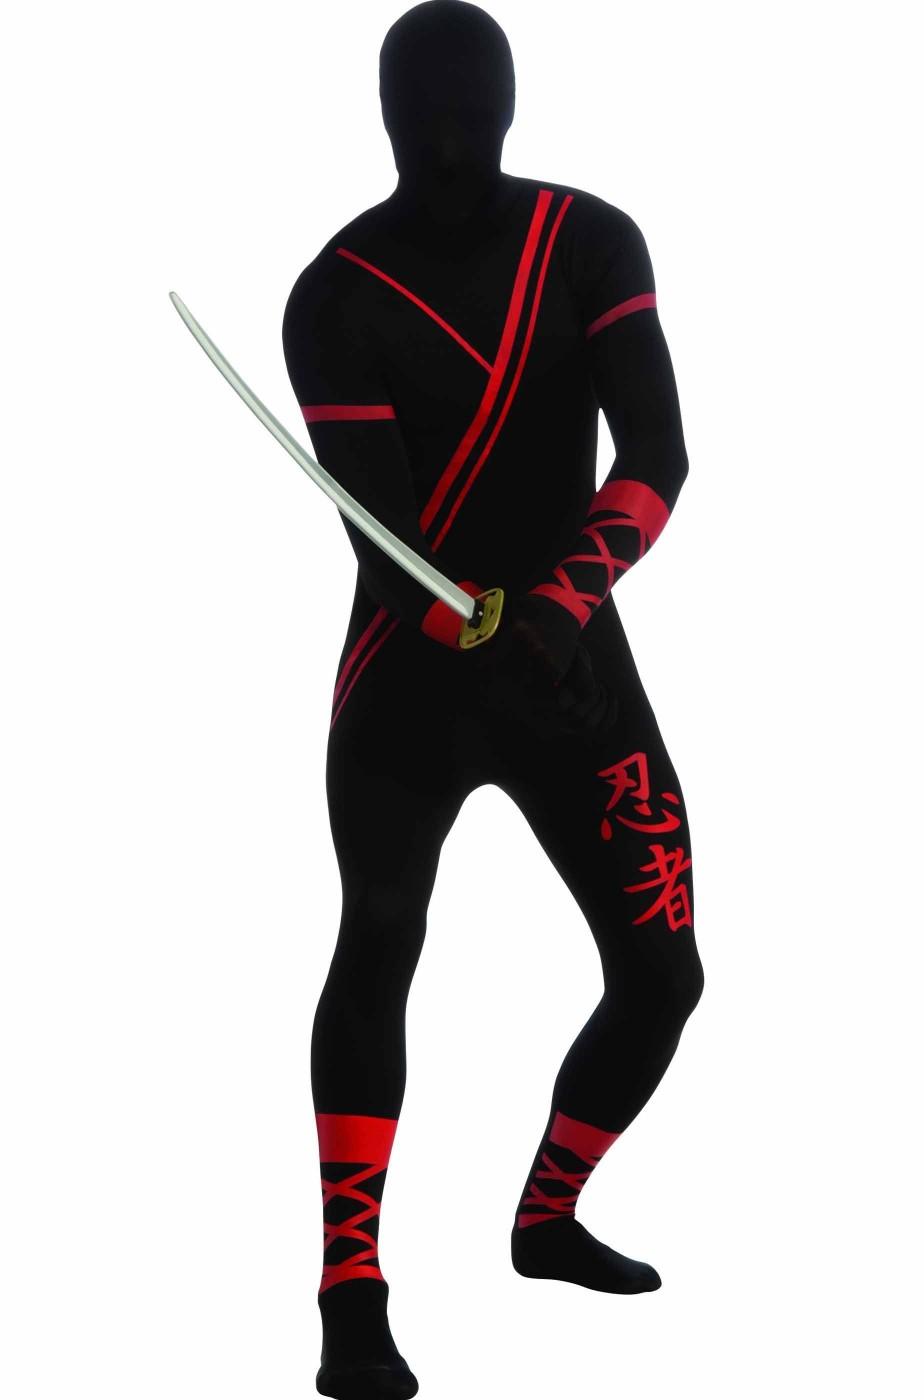 risparmi fantastici prezzi economici qualità affidabile Costume di carnevale o Halloween uomo nero Integrale tuta ninja adulto